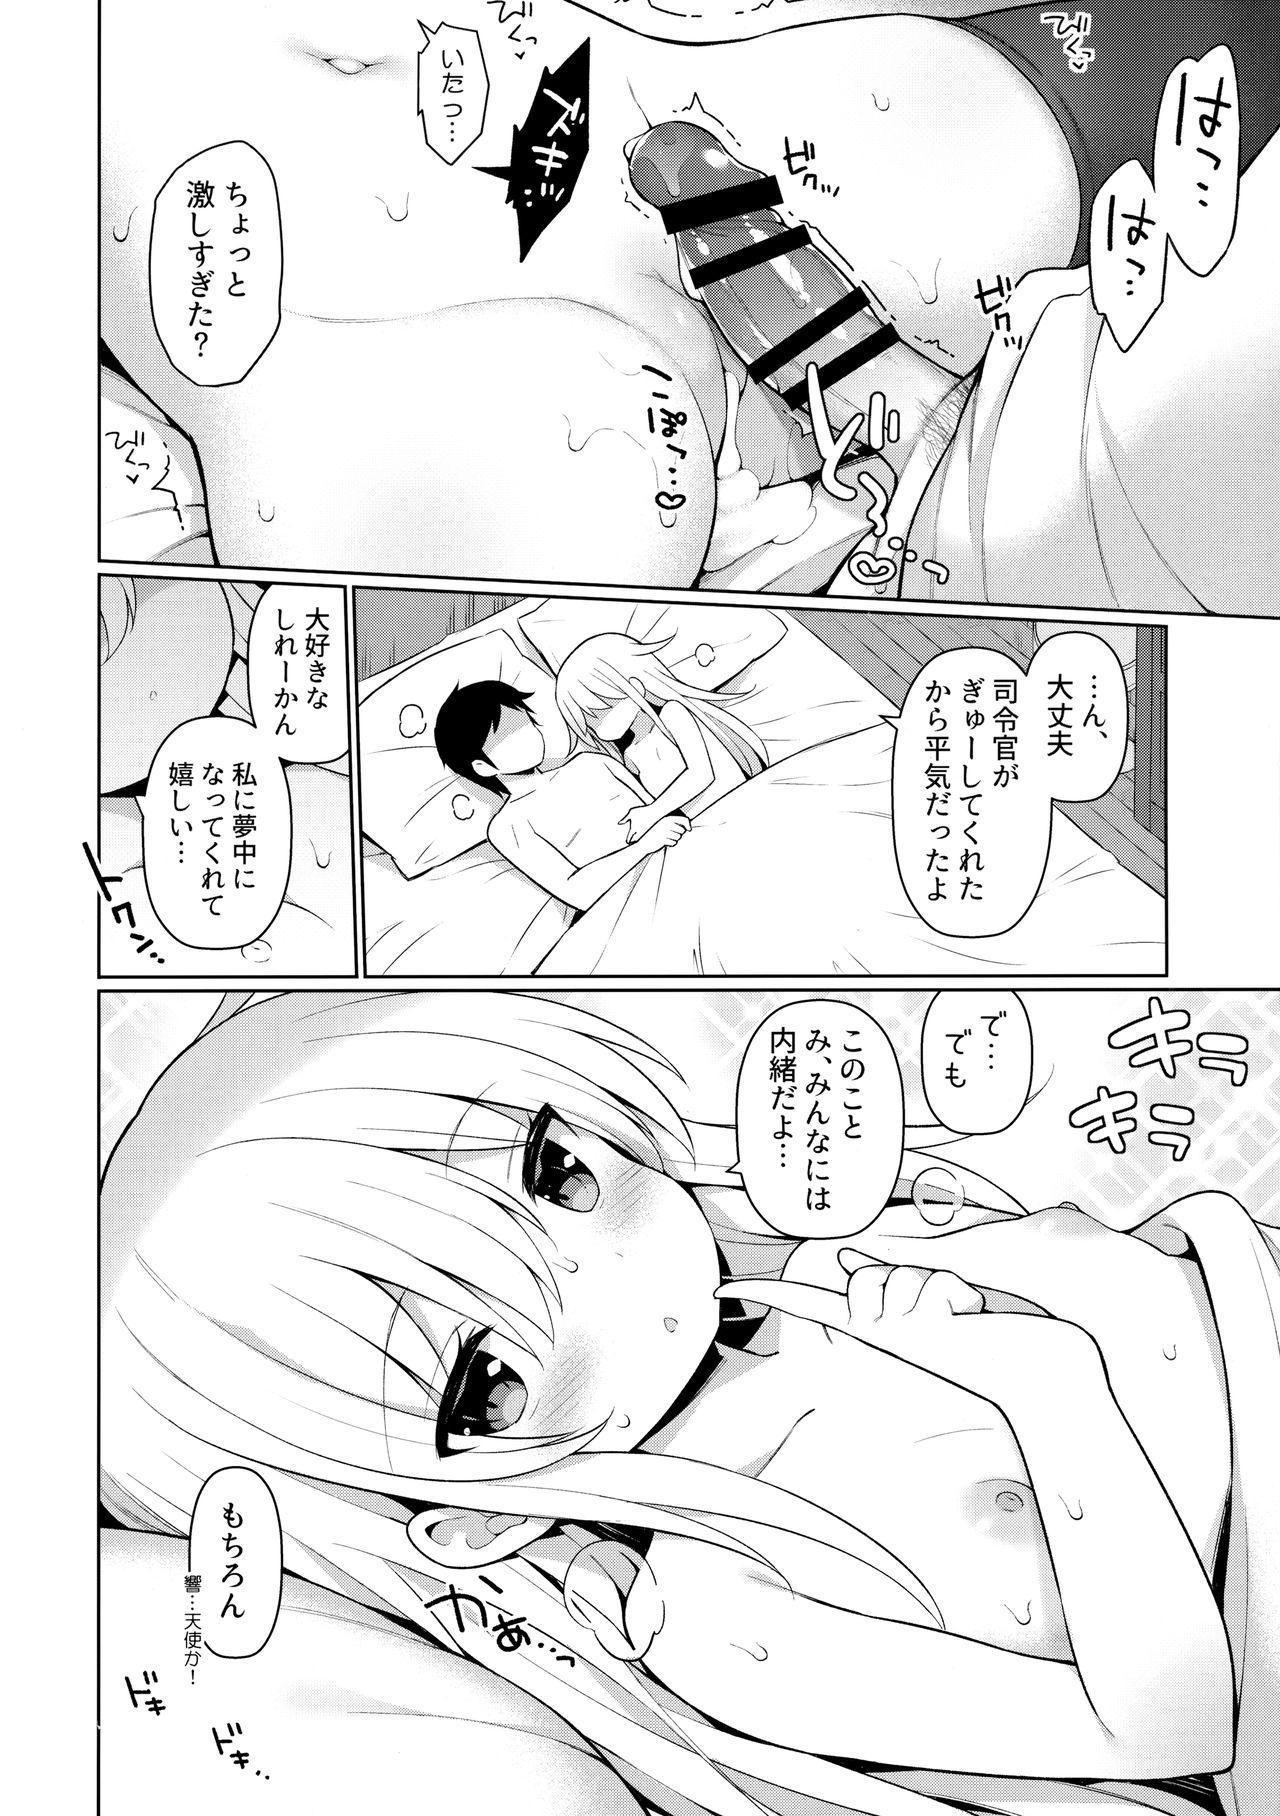 Hibiki-chan Himitsu no Hatsu Sounyuu 20